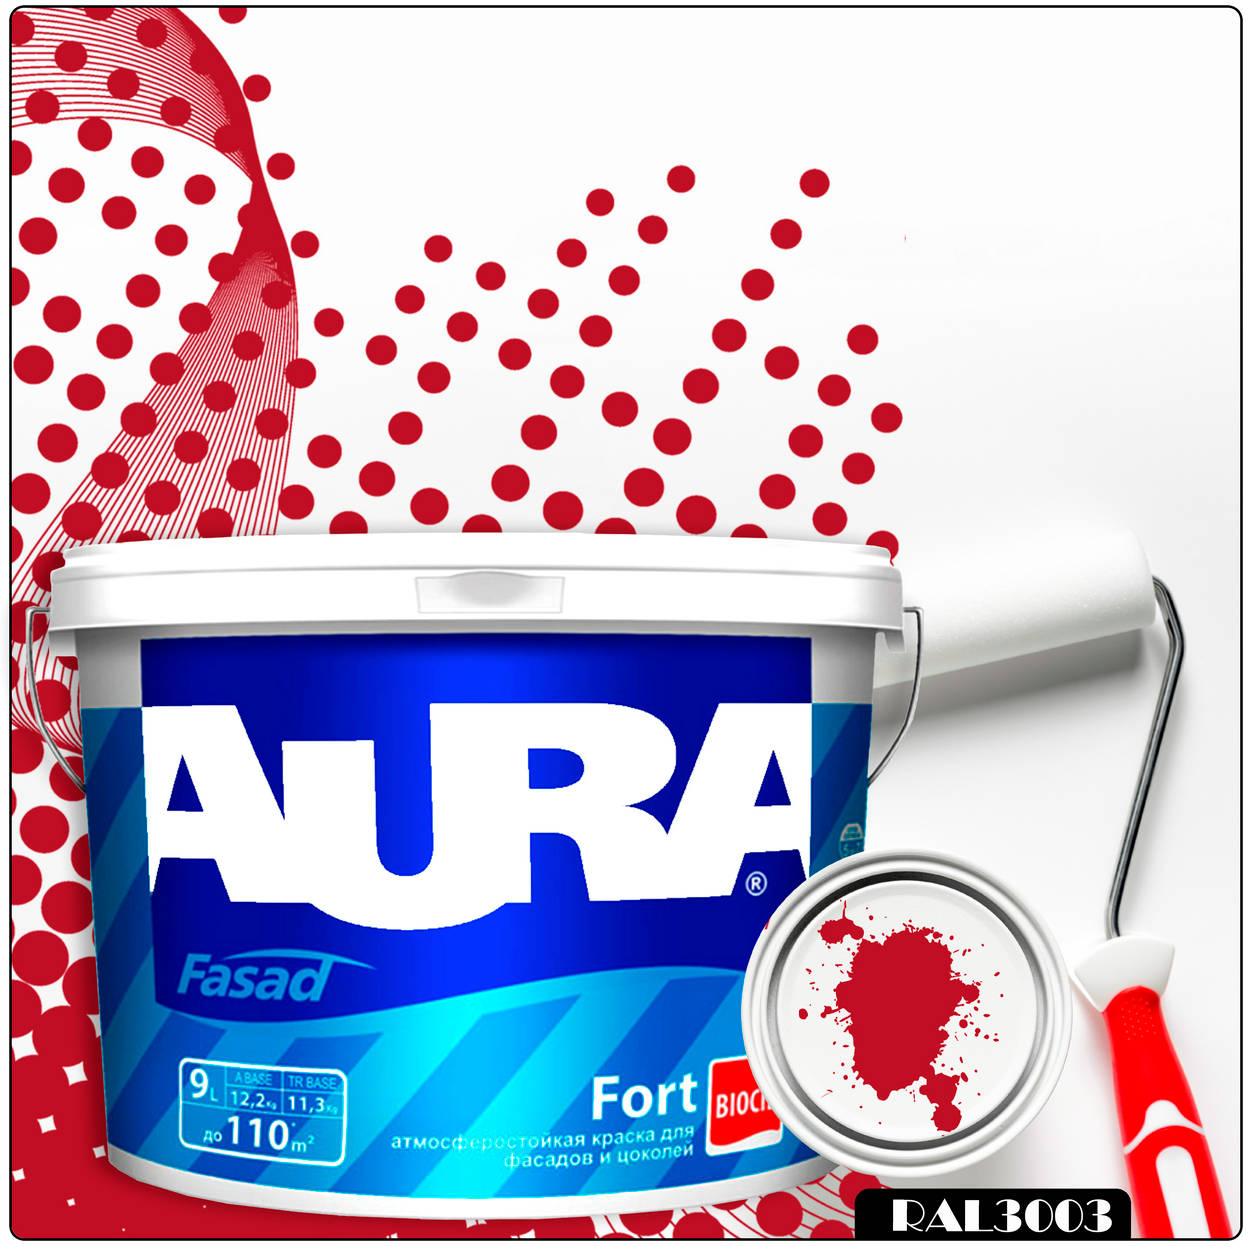 Фото 4 - Краска Aura Fasad Fort, RAL 3003 Рубиново-красный, латексная, матовая, для фасада и цоколей, 9л, Аура.